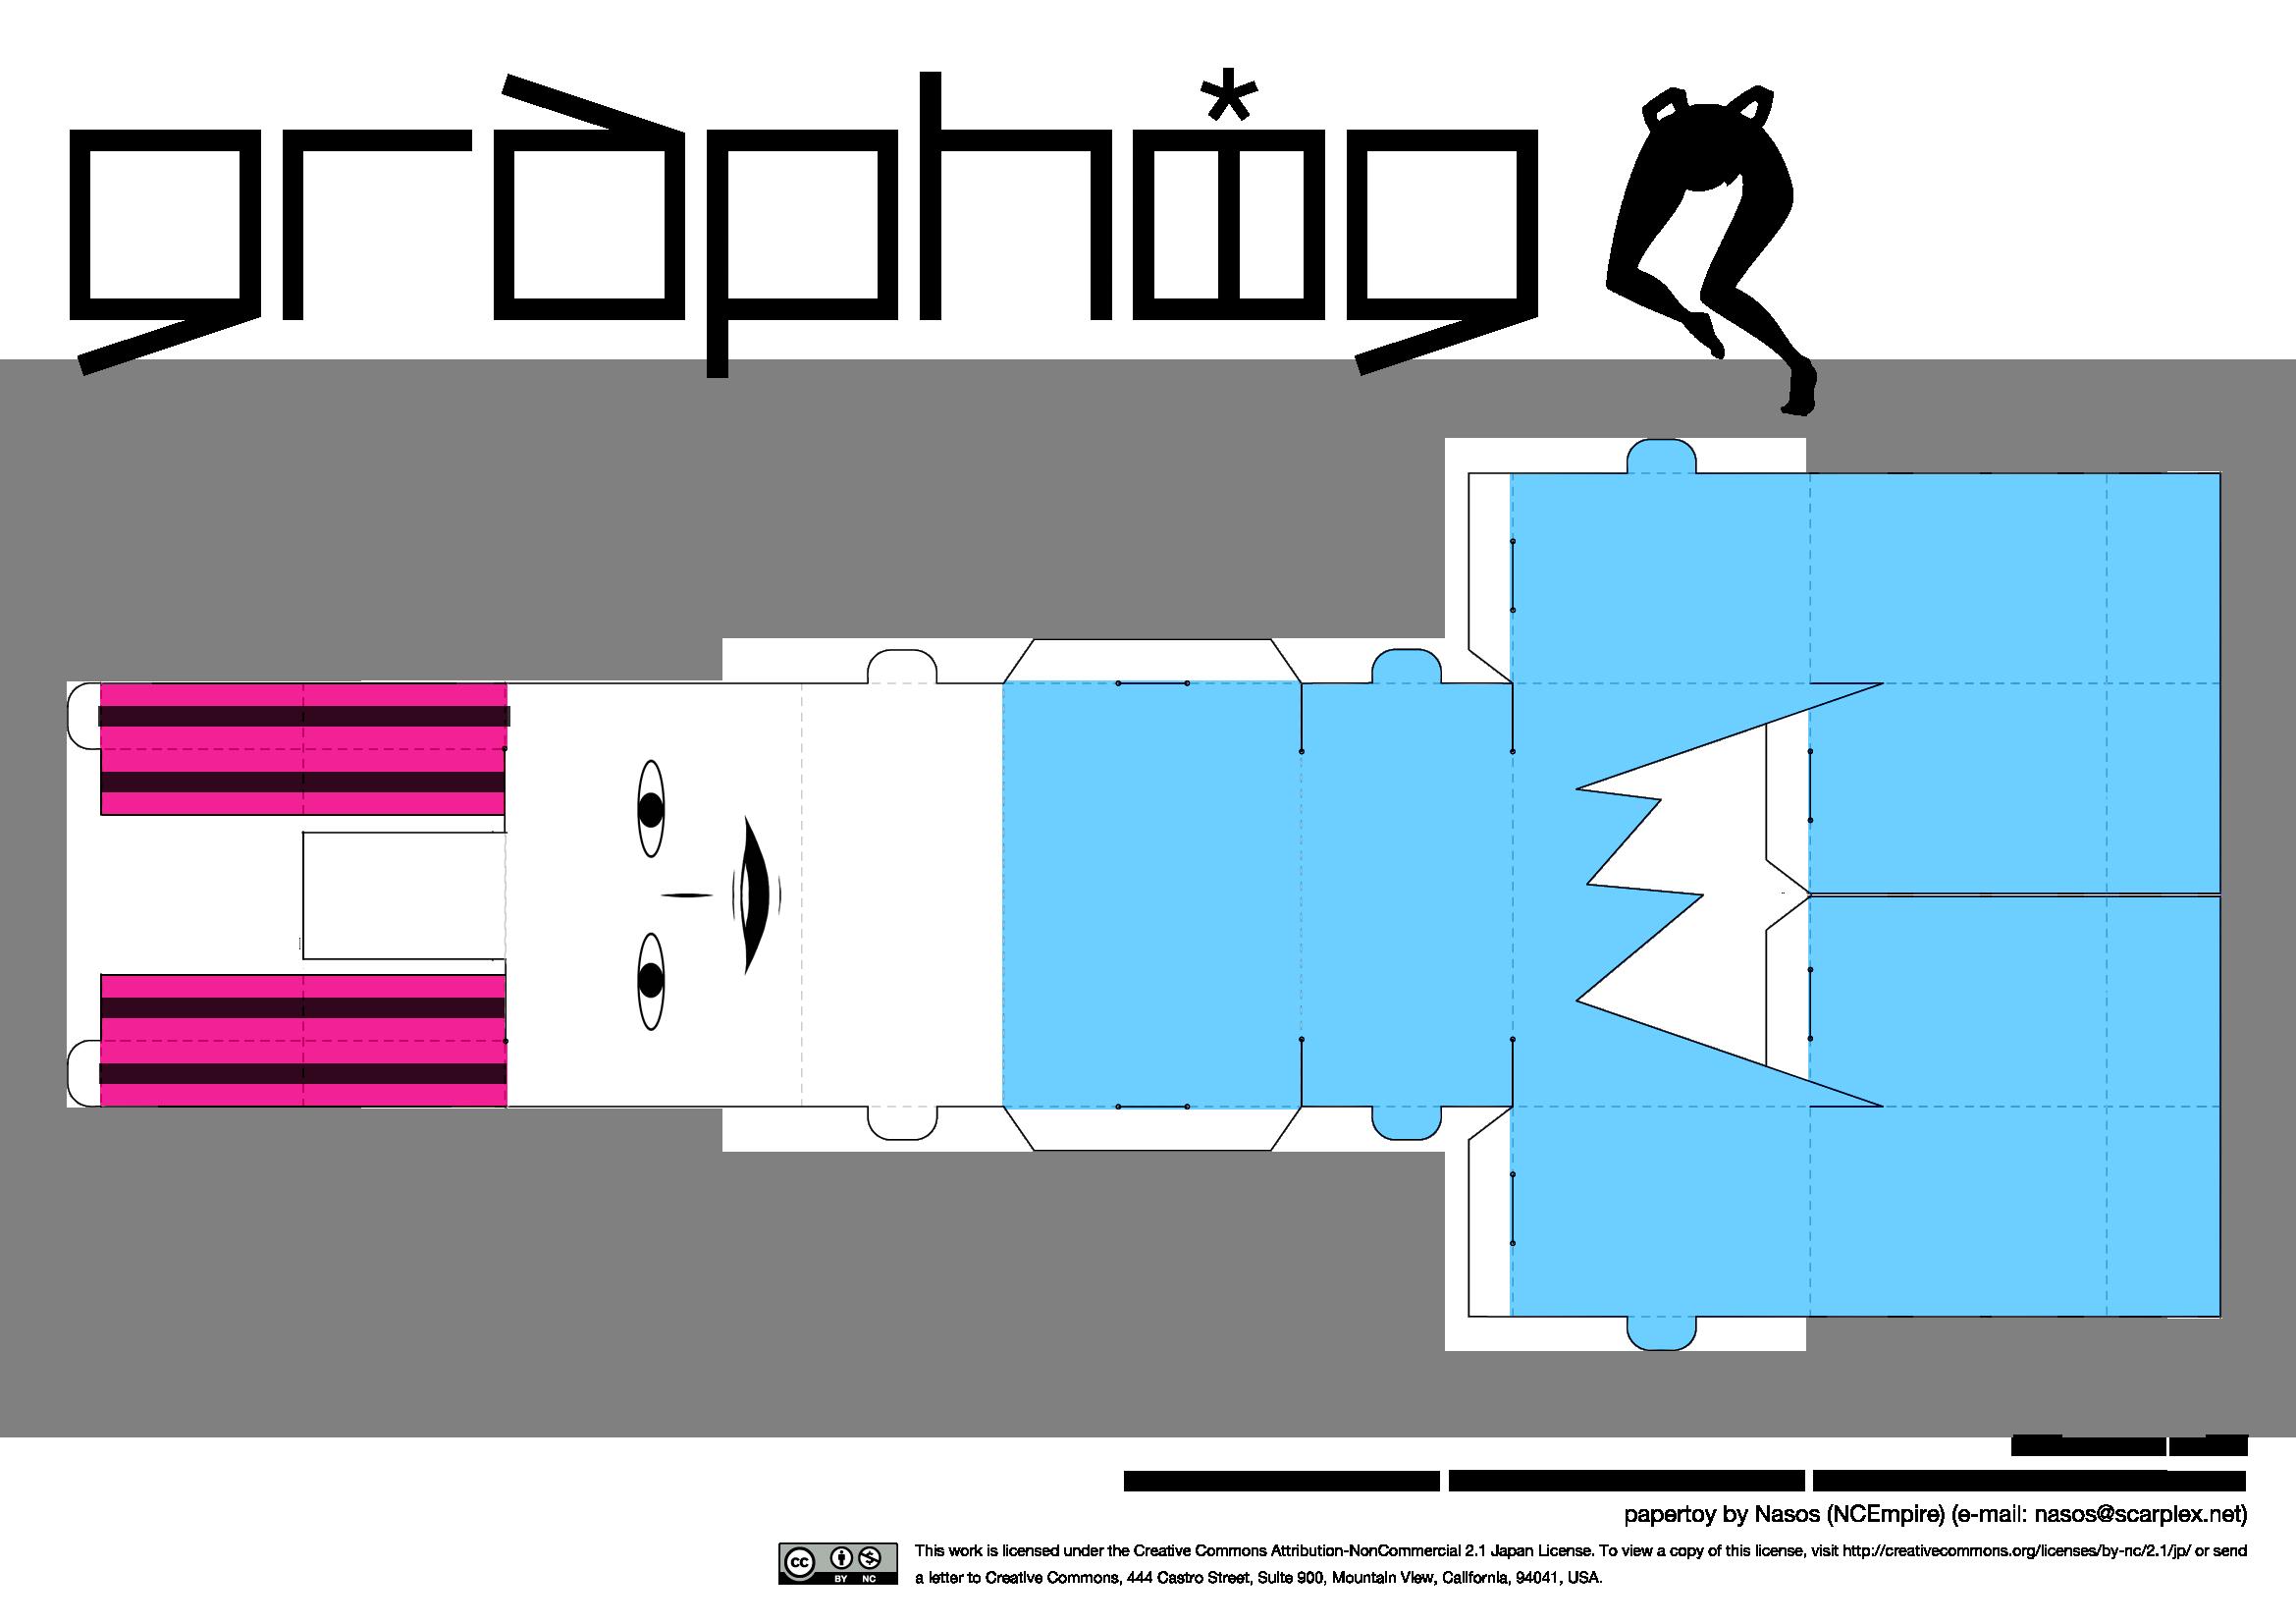 【グラフィグ】シテヤンヨ展開図 展開図の型枠はNasos氏より、 【グラフィグ】シテヤンヨ展開図